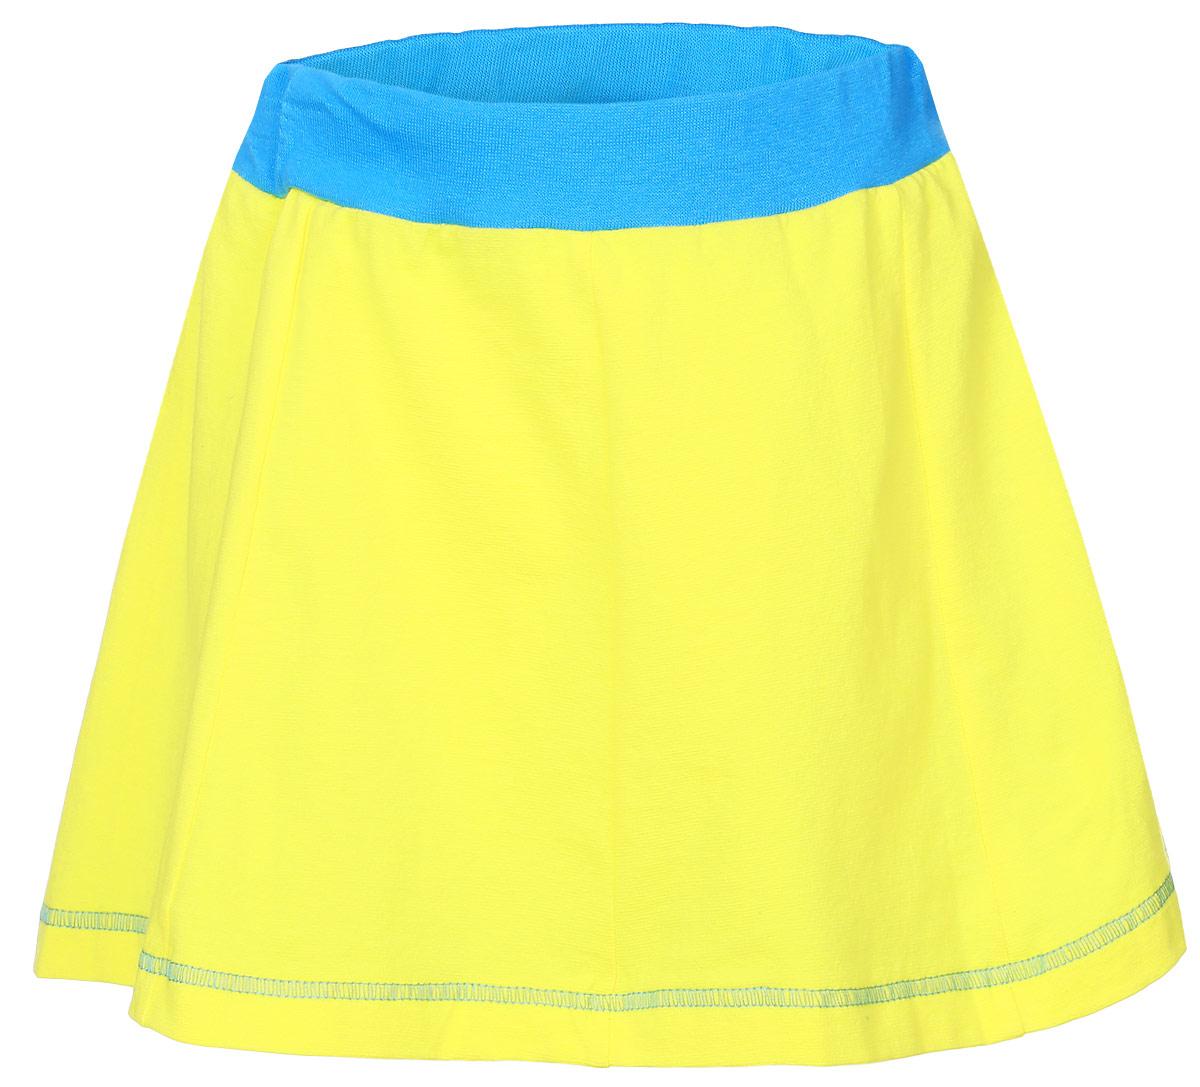 Юбка для девочки M&D, цвет: желтый, голубой. SSA261001-2. Размер 110SSA261001-2Юбка для девочки M&D изготовлена из натурального хлопка с добавлением лайкры. Юбка дополнена в поясе широкой эластичной резинкой, благодаря этому она не сдавливает животик ребенка. По линии талии заложены складочки, придающие изделию пышность. Модель выполнена в лаконичном дизайне.